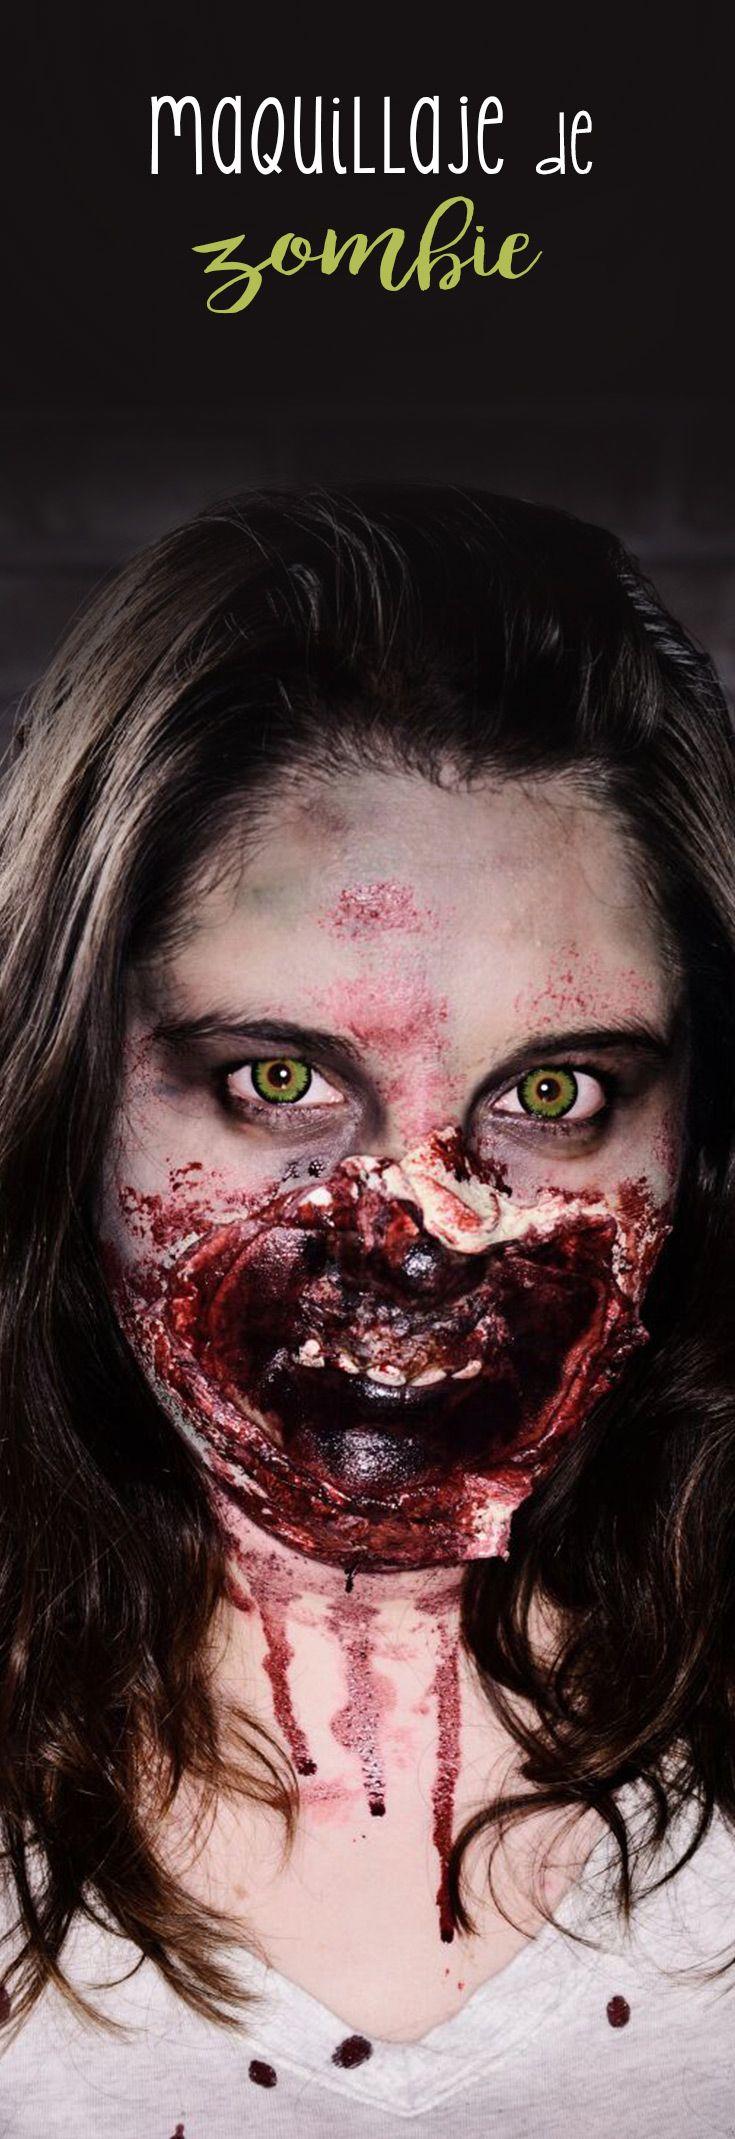 Maquillaje de Zombie Este tip te mostrará lo fácil que es convertirte en zombie para este próximo Halloween. Serás la sensación de la fiesta de disfraces y seguro espantarás a varios.